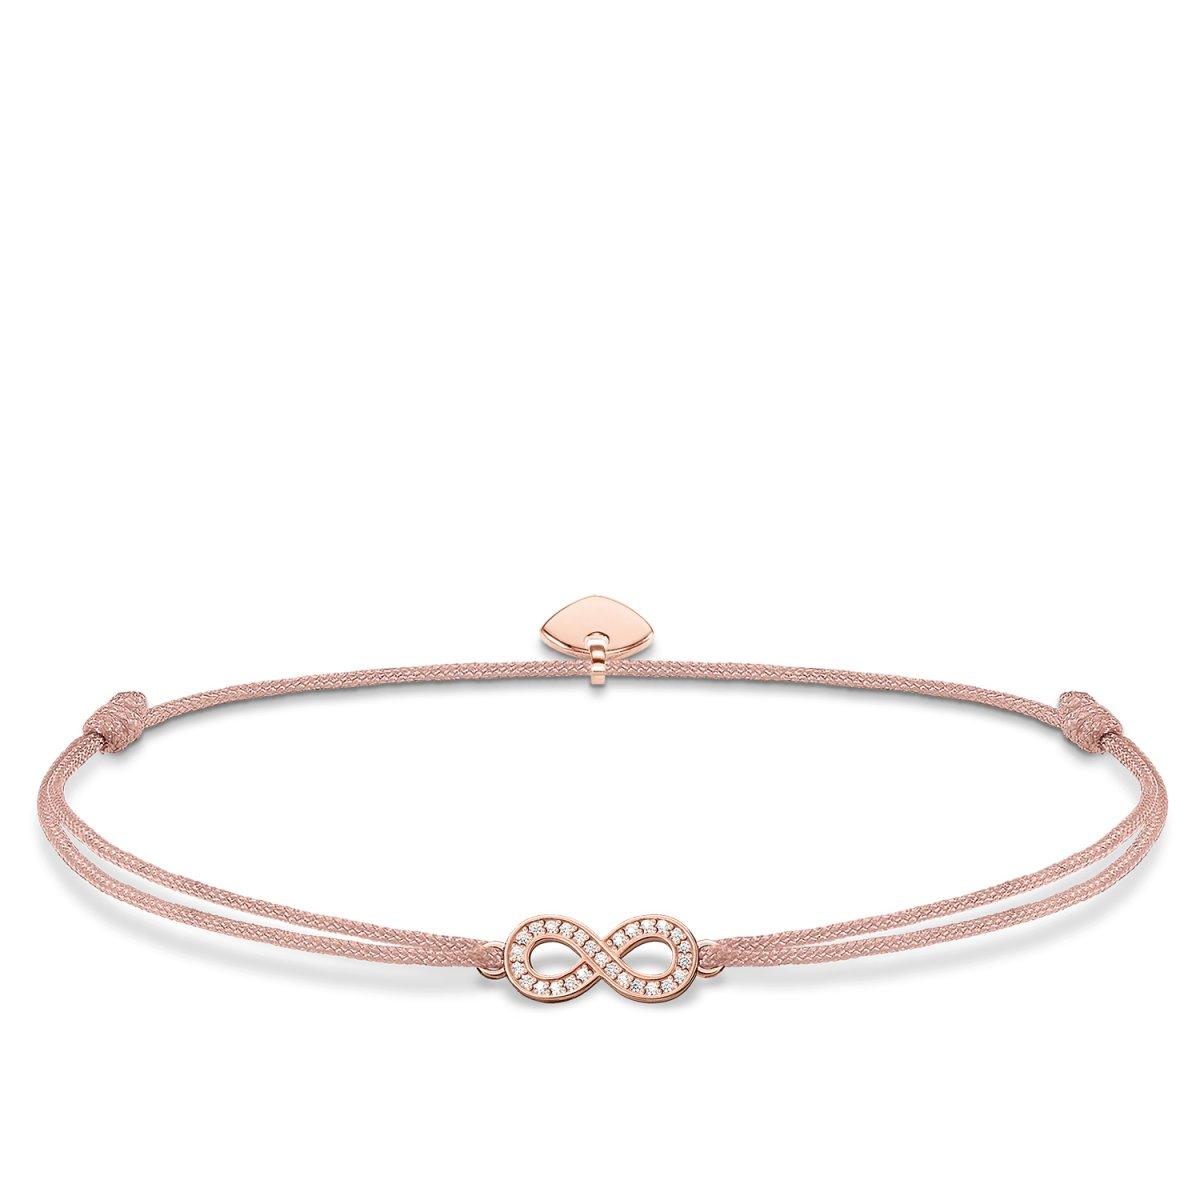 Béžovo-ružový náramok THOMAS SABO so symbolom nekonečna